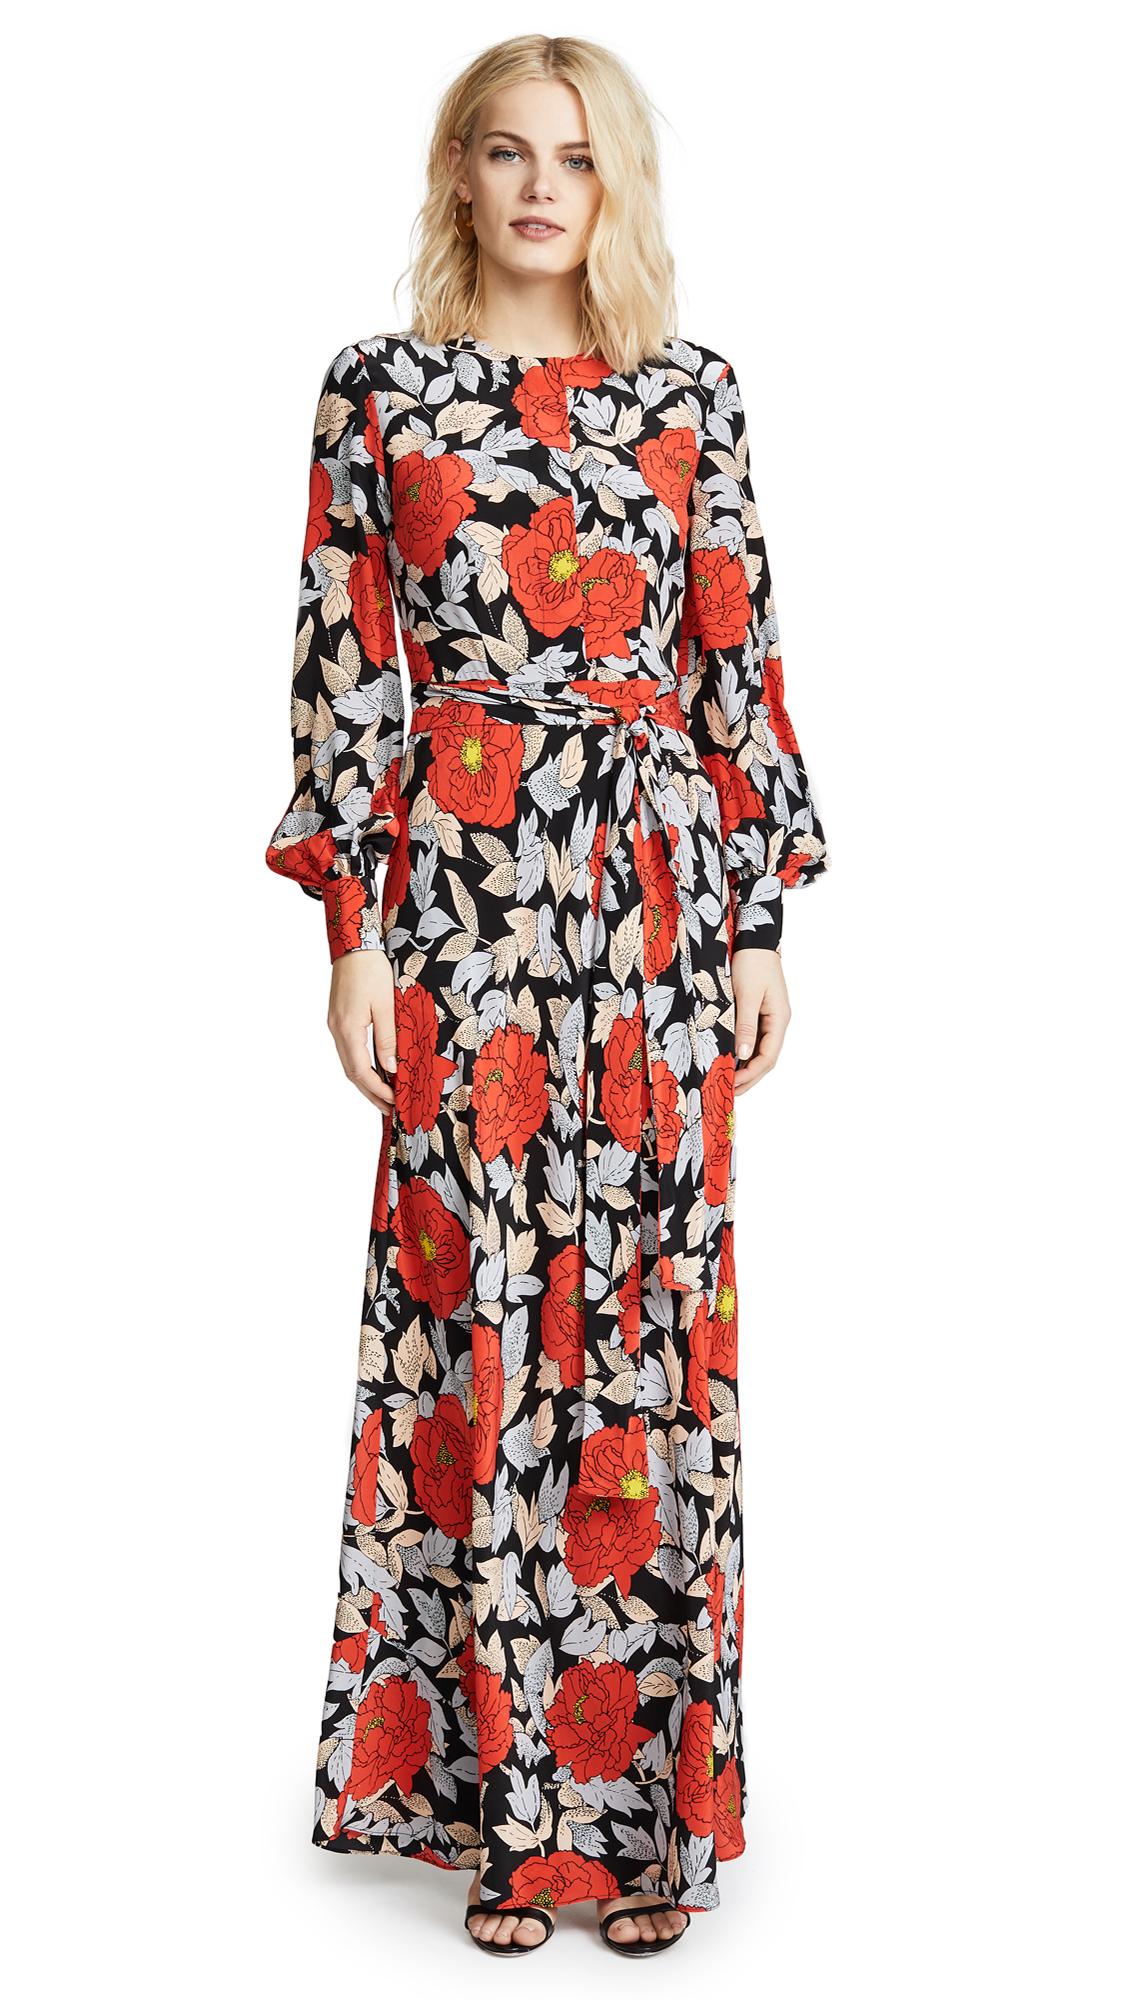 Diane von Furstenberg Waist Tie Maxi Dress In Boswell Black